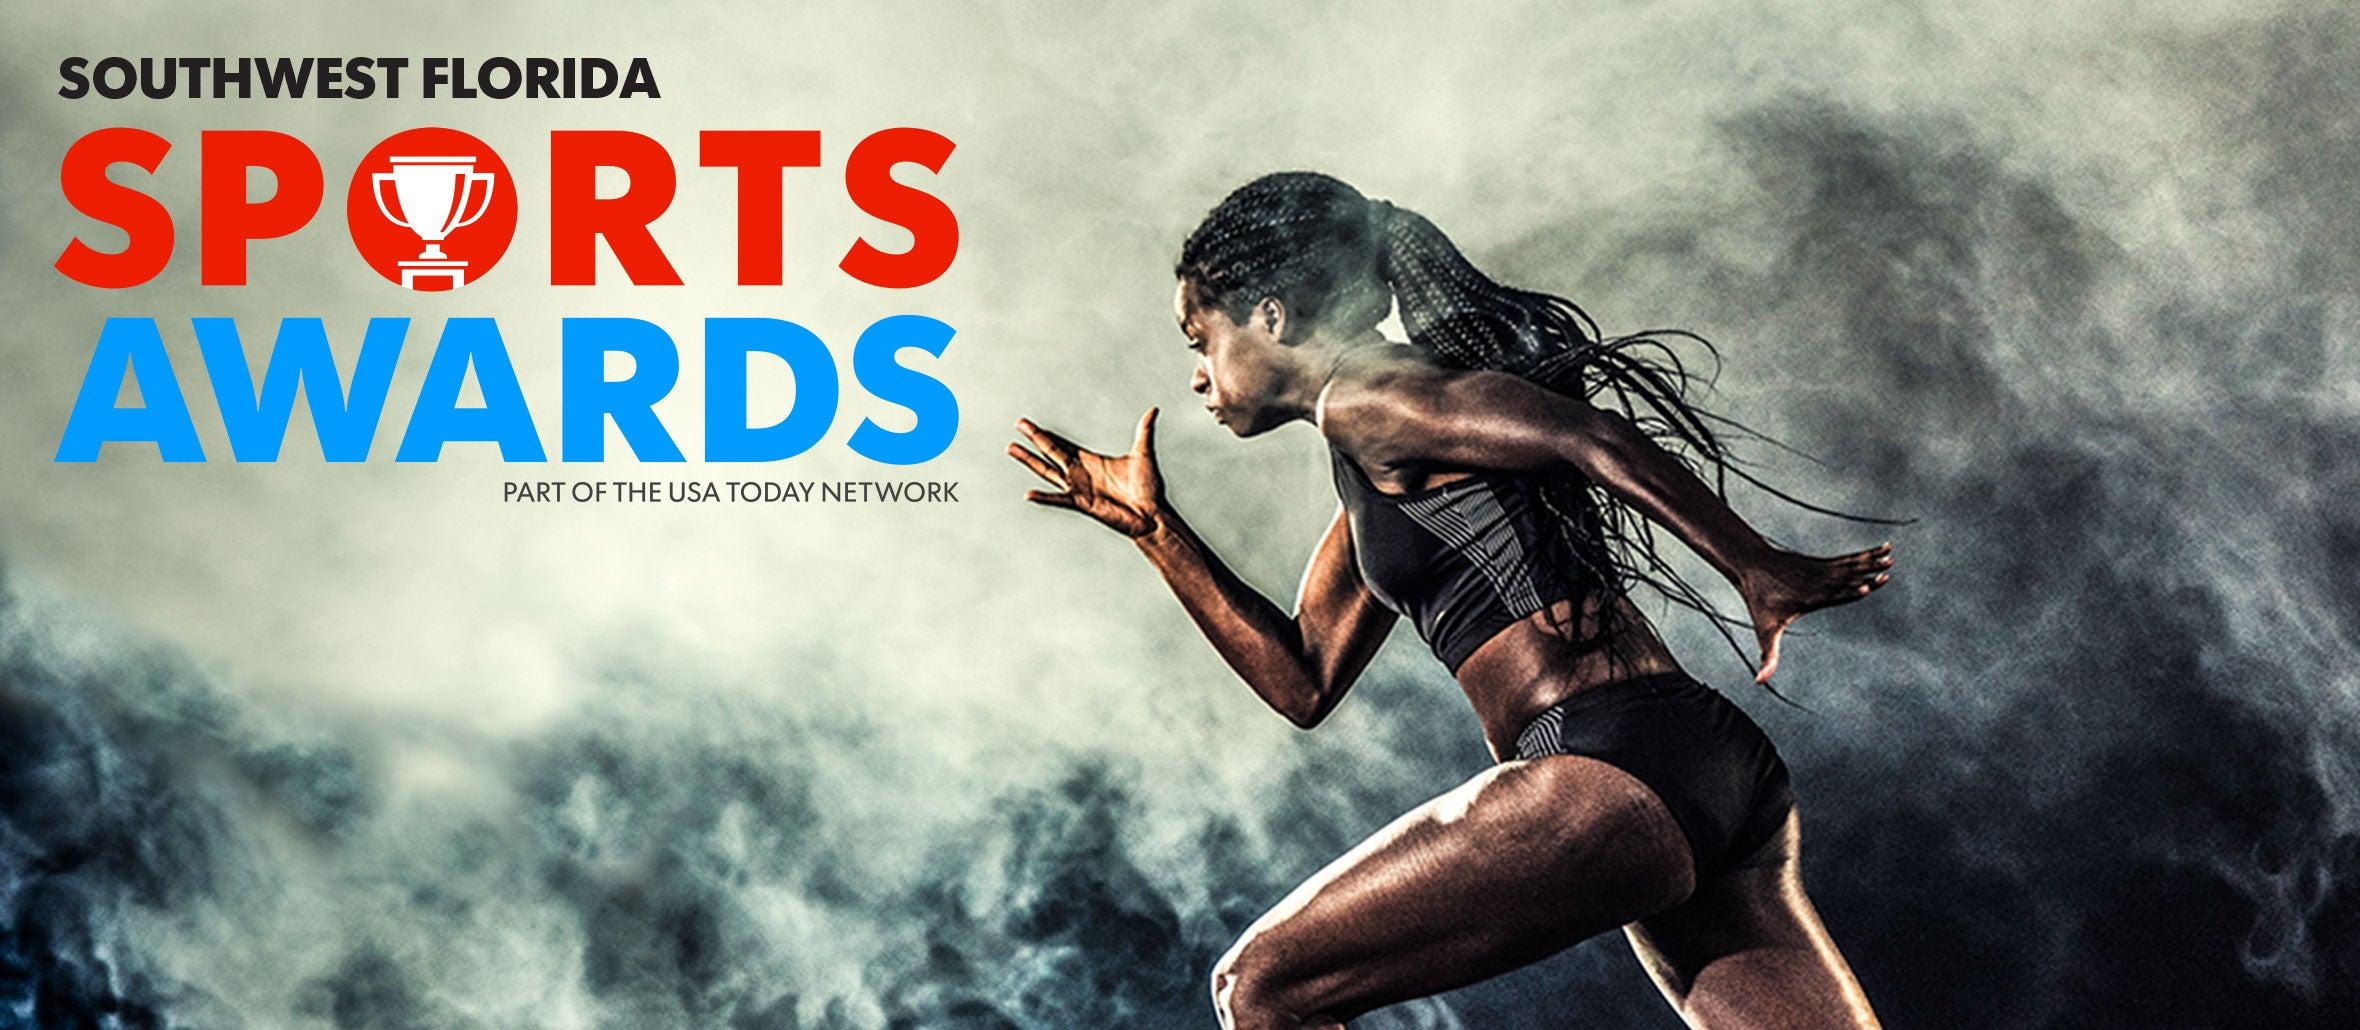 Southwest Florida Sports Awards